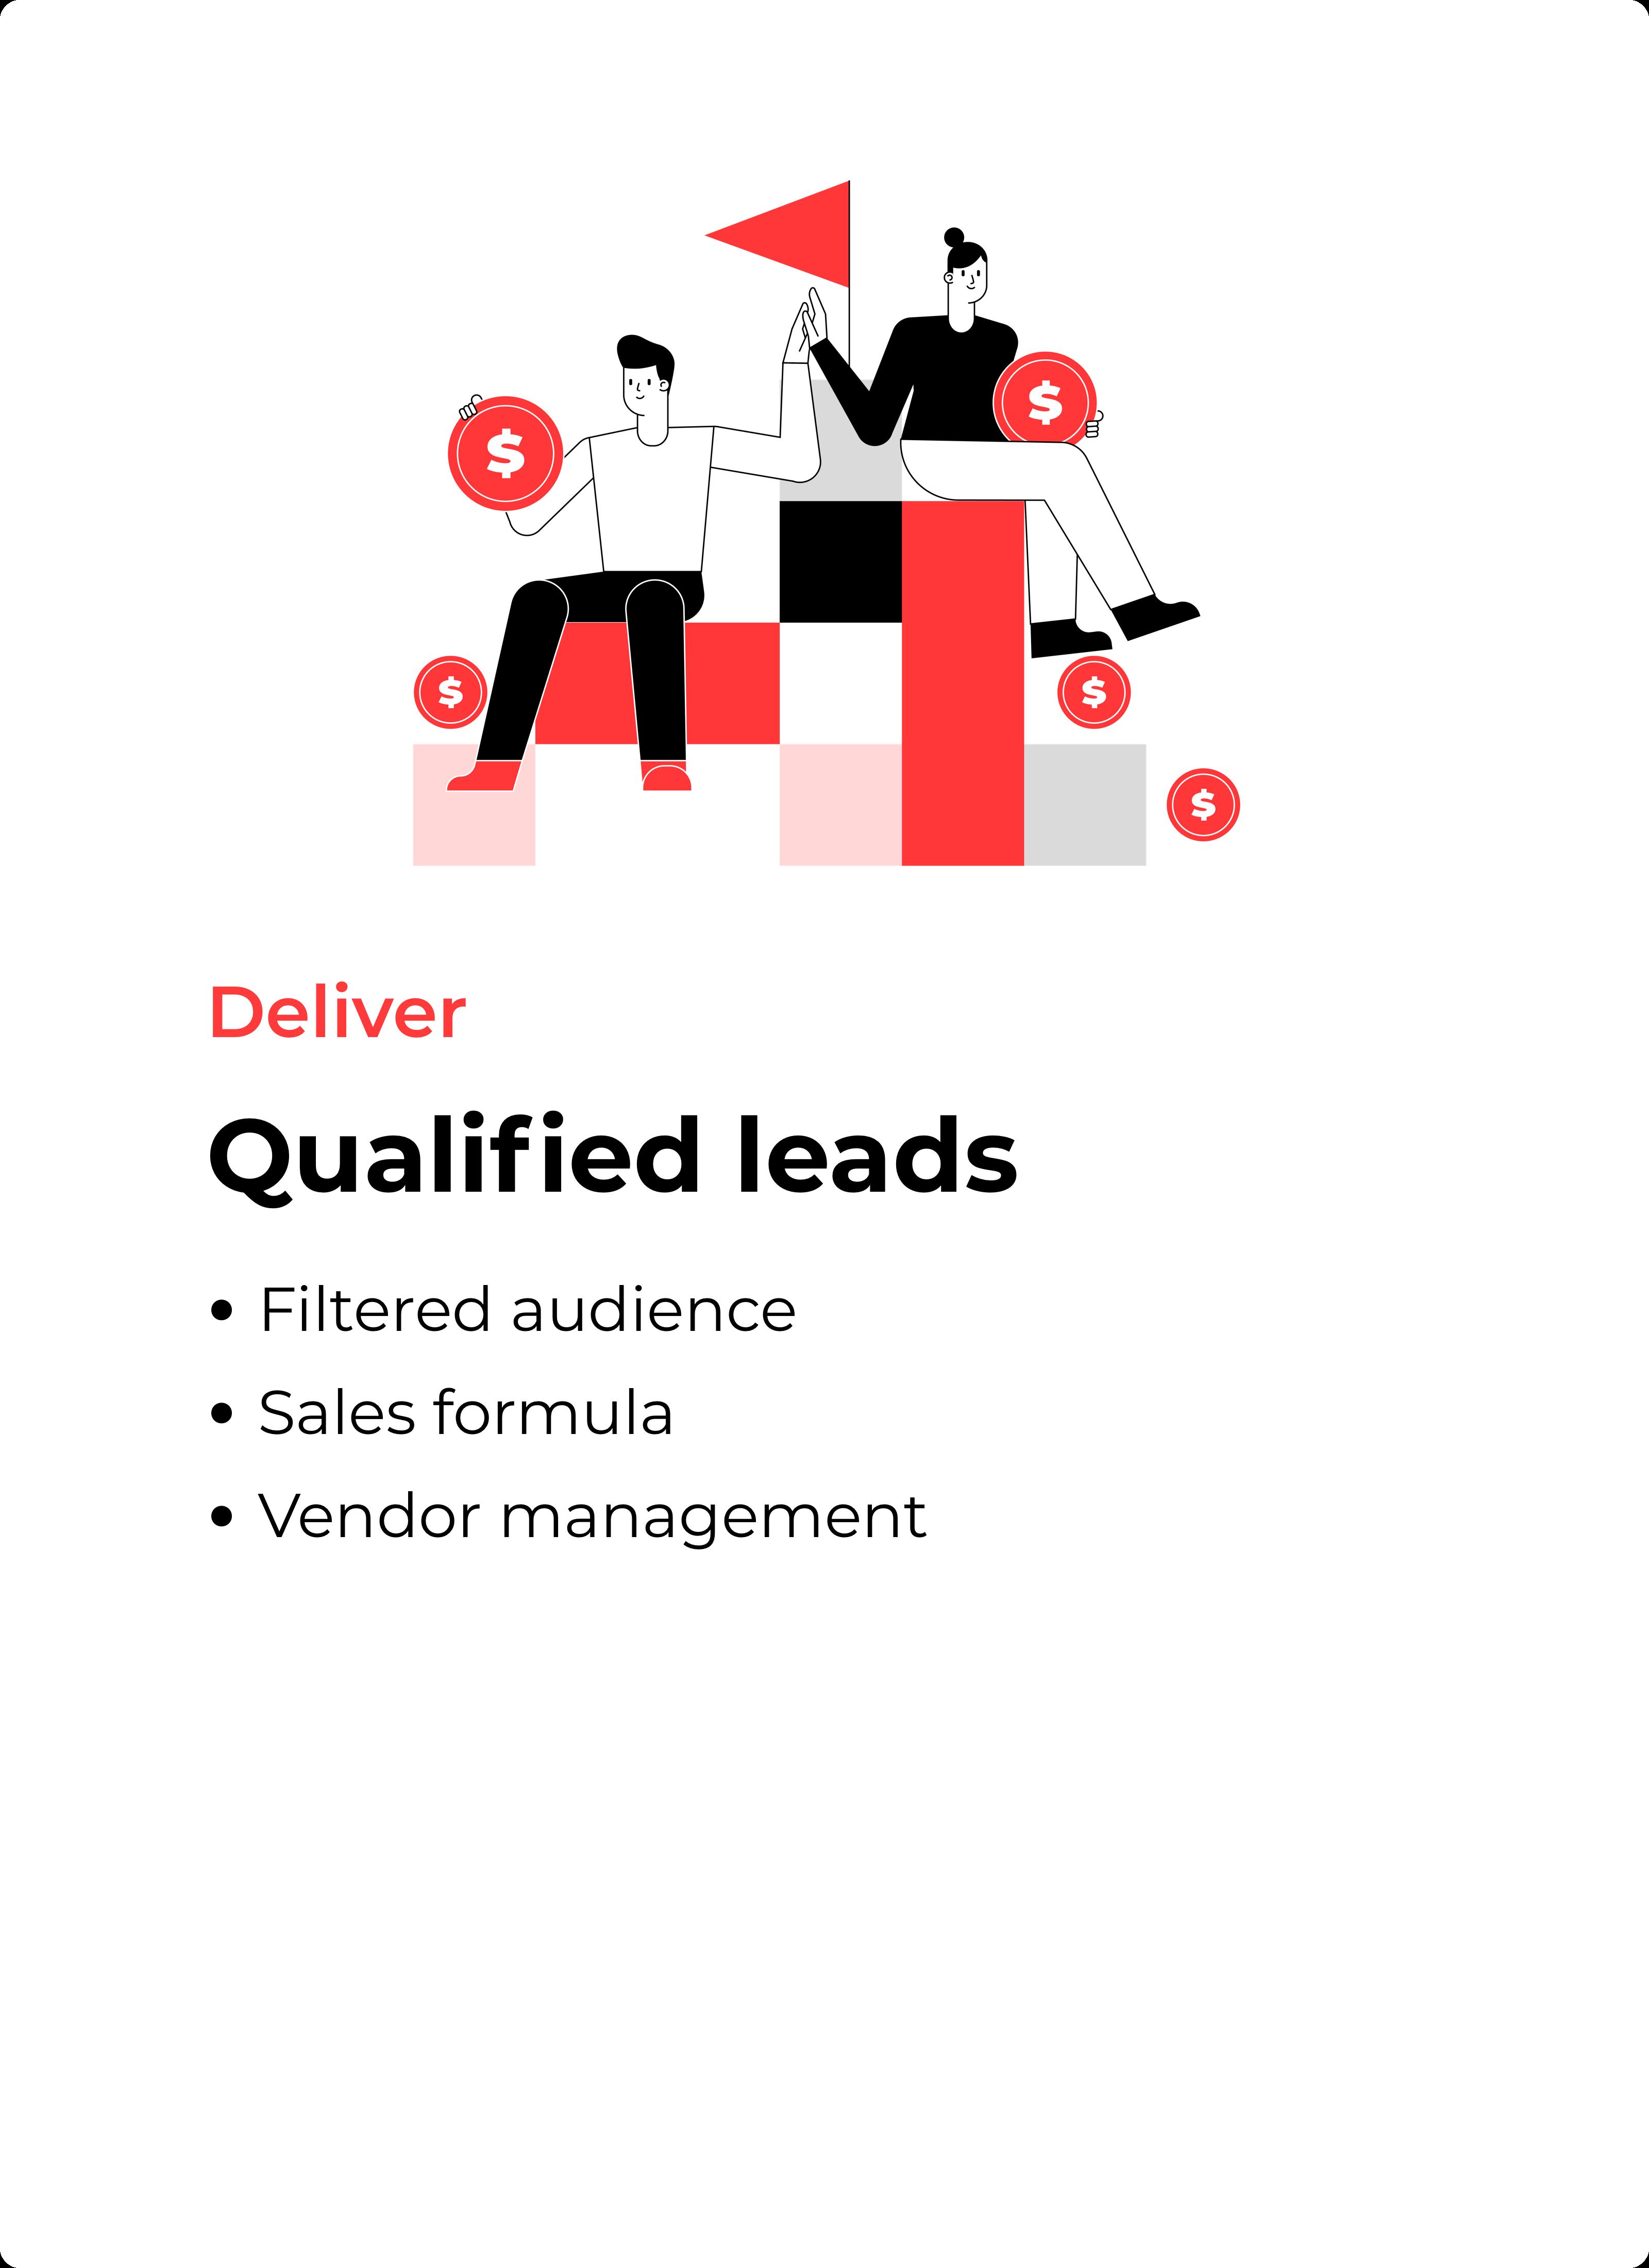 Digital Ads_Deliver